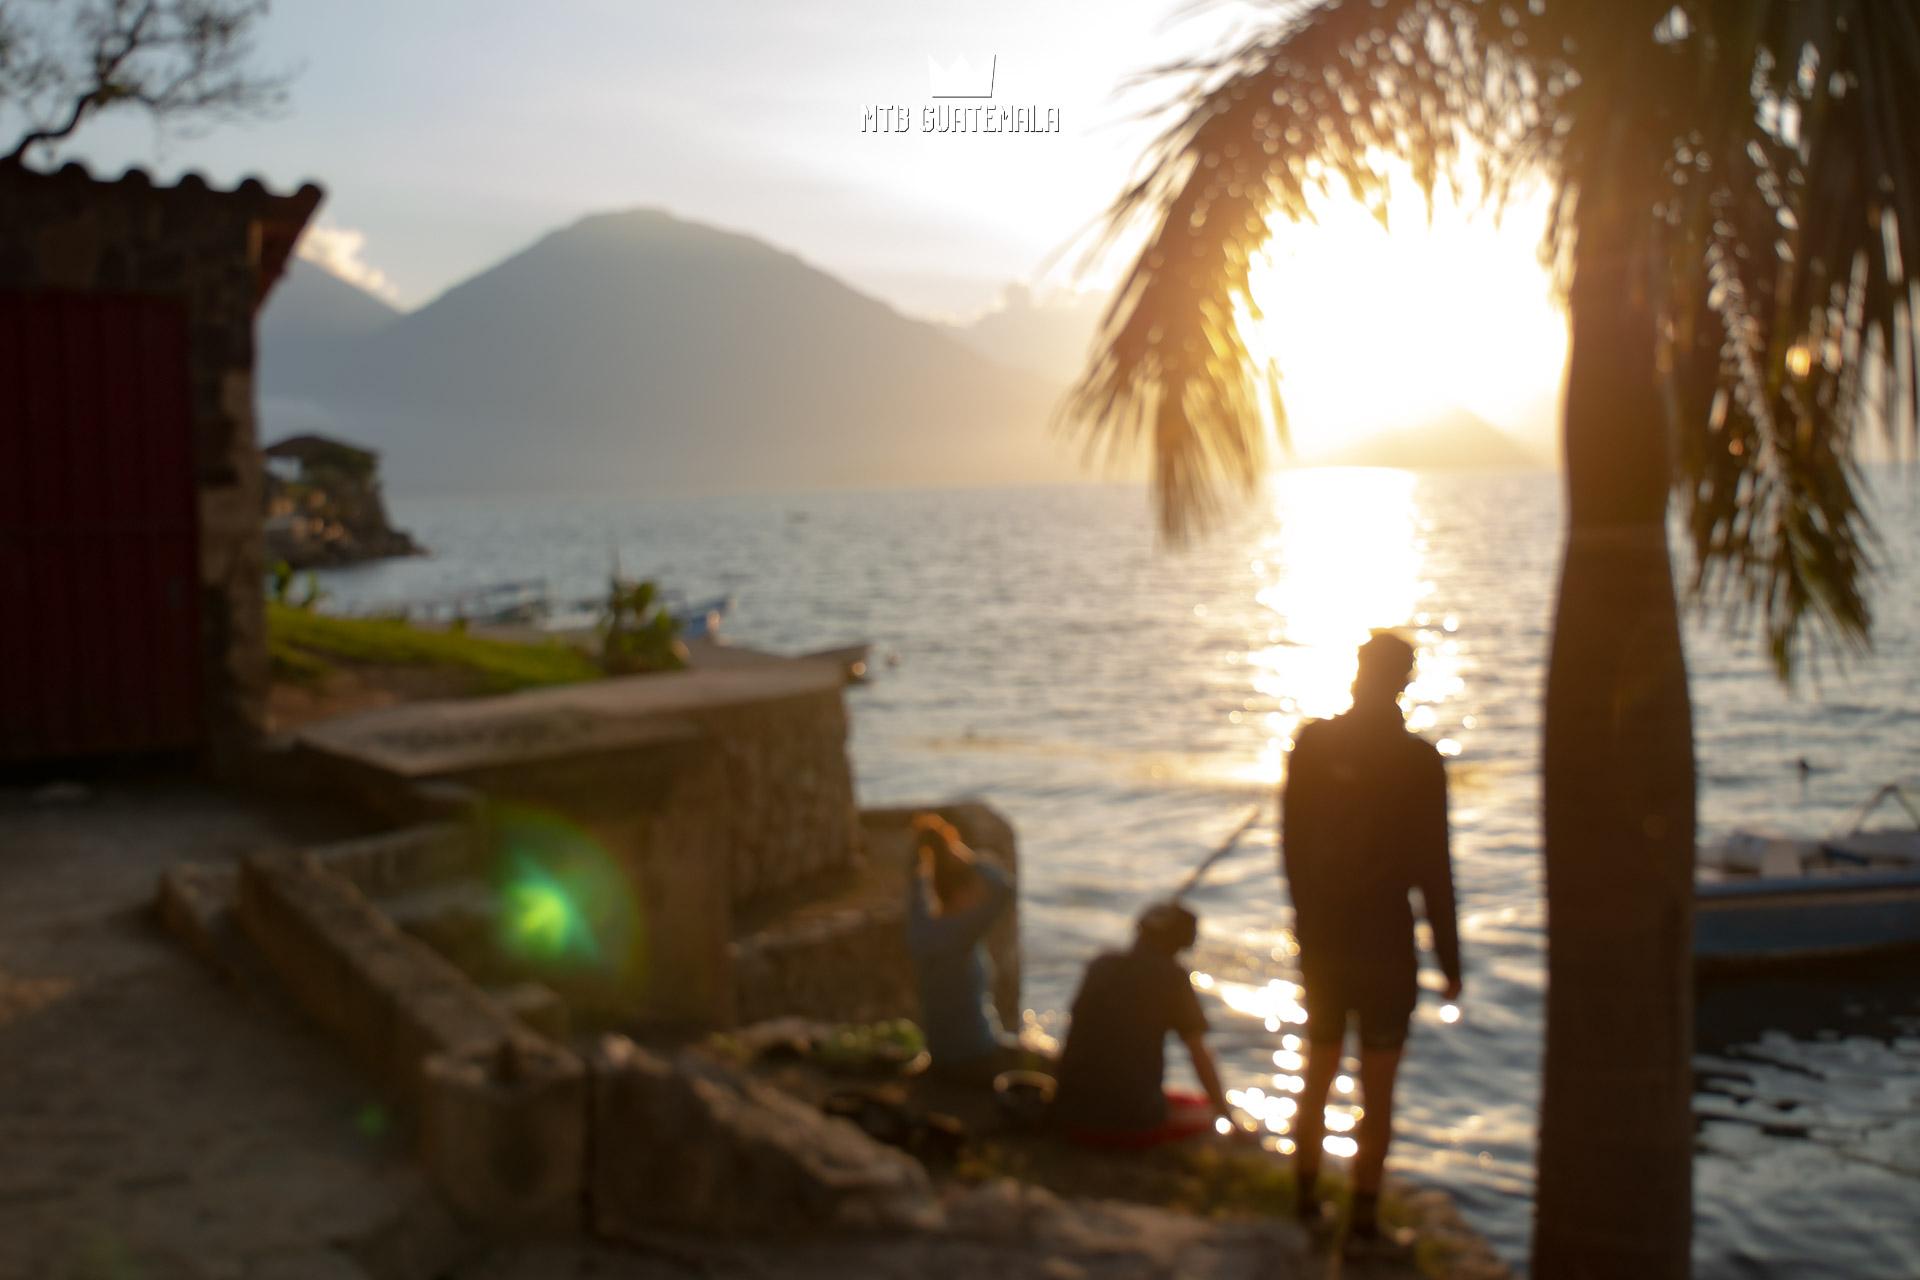 MTB-GUA_181226-166-G7.dng - Mountain Biking at Lake Atitlán